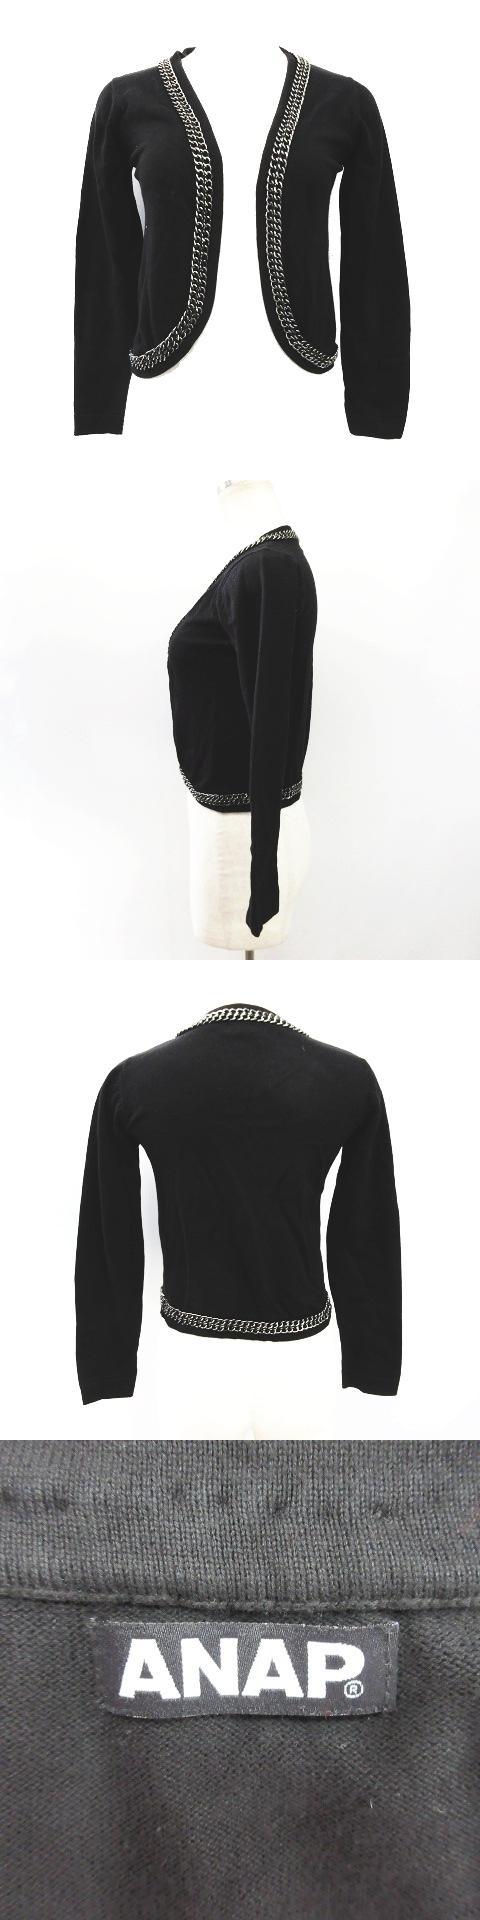 カーディガン ボレロ チェーン装飾 黒 ブラック